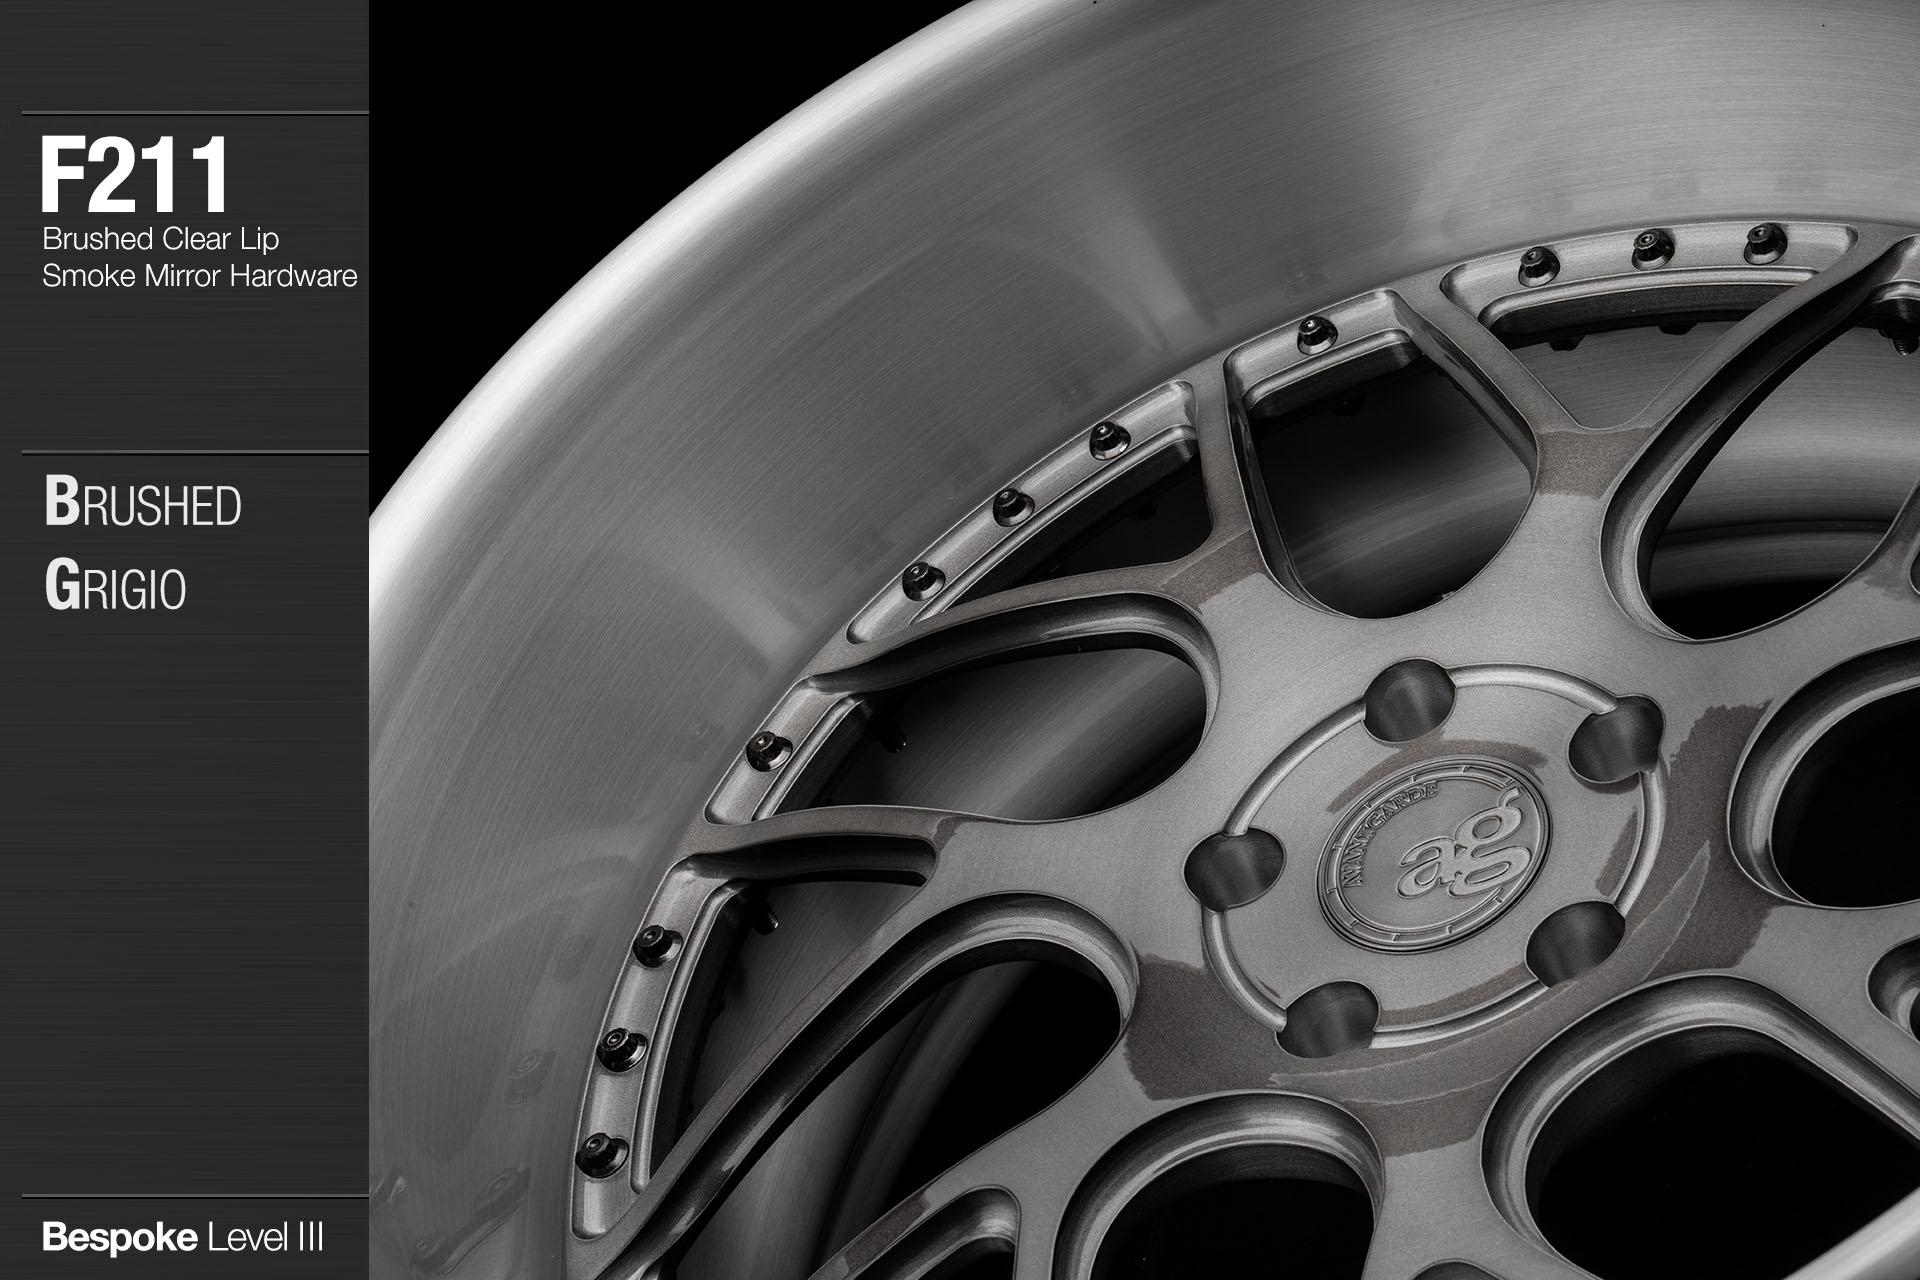 agwheels ag wheel wheels avant garde f211 brushed grigio clear lip smoke mirror hardware forged wheels forge 3piece 3 piece 19inch 20inch